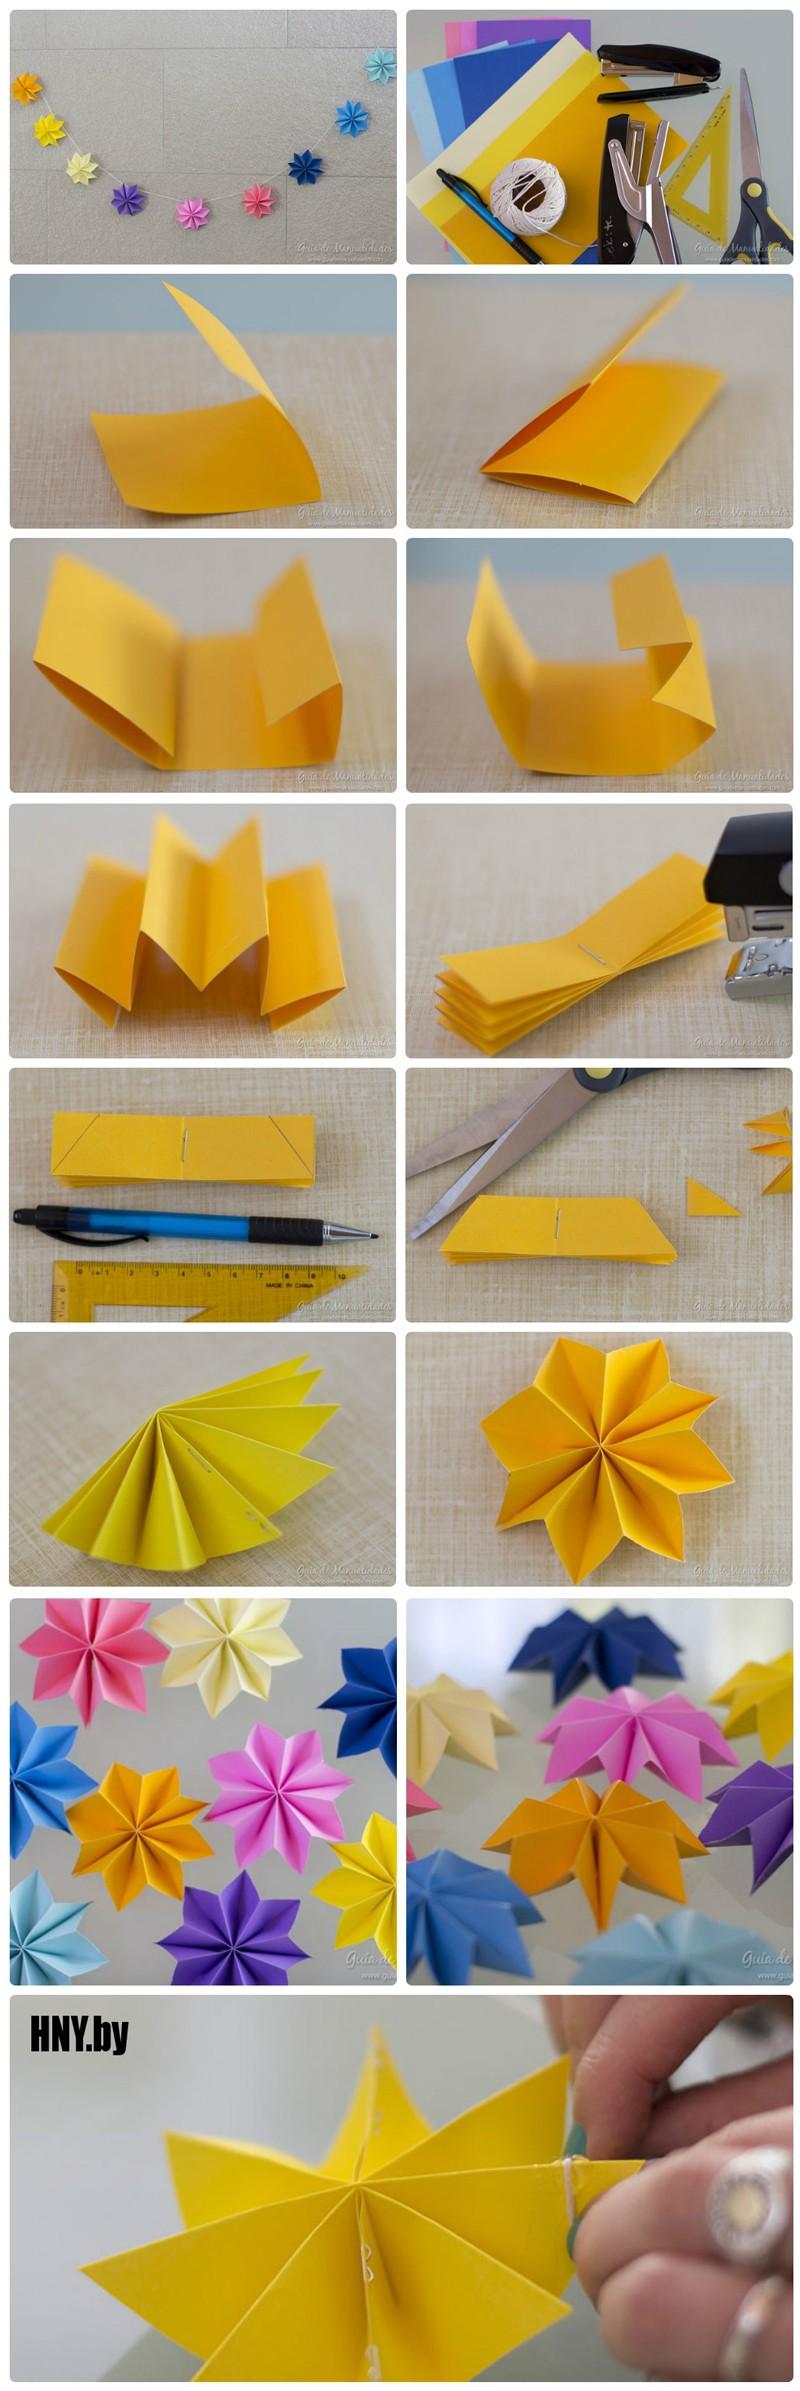 Оригами гирлянда на новый год: украшаем дом своими руками